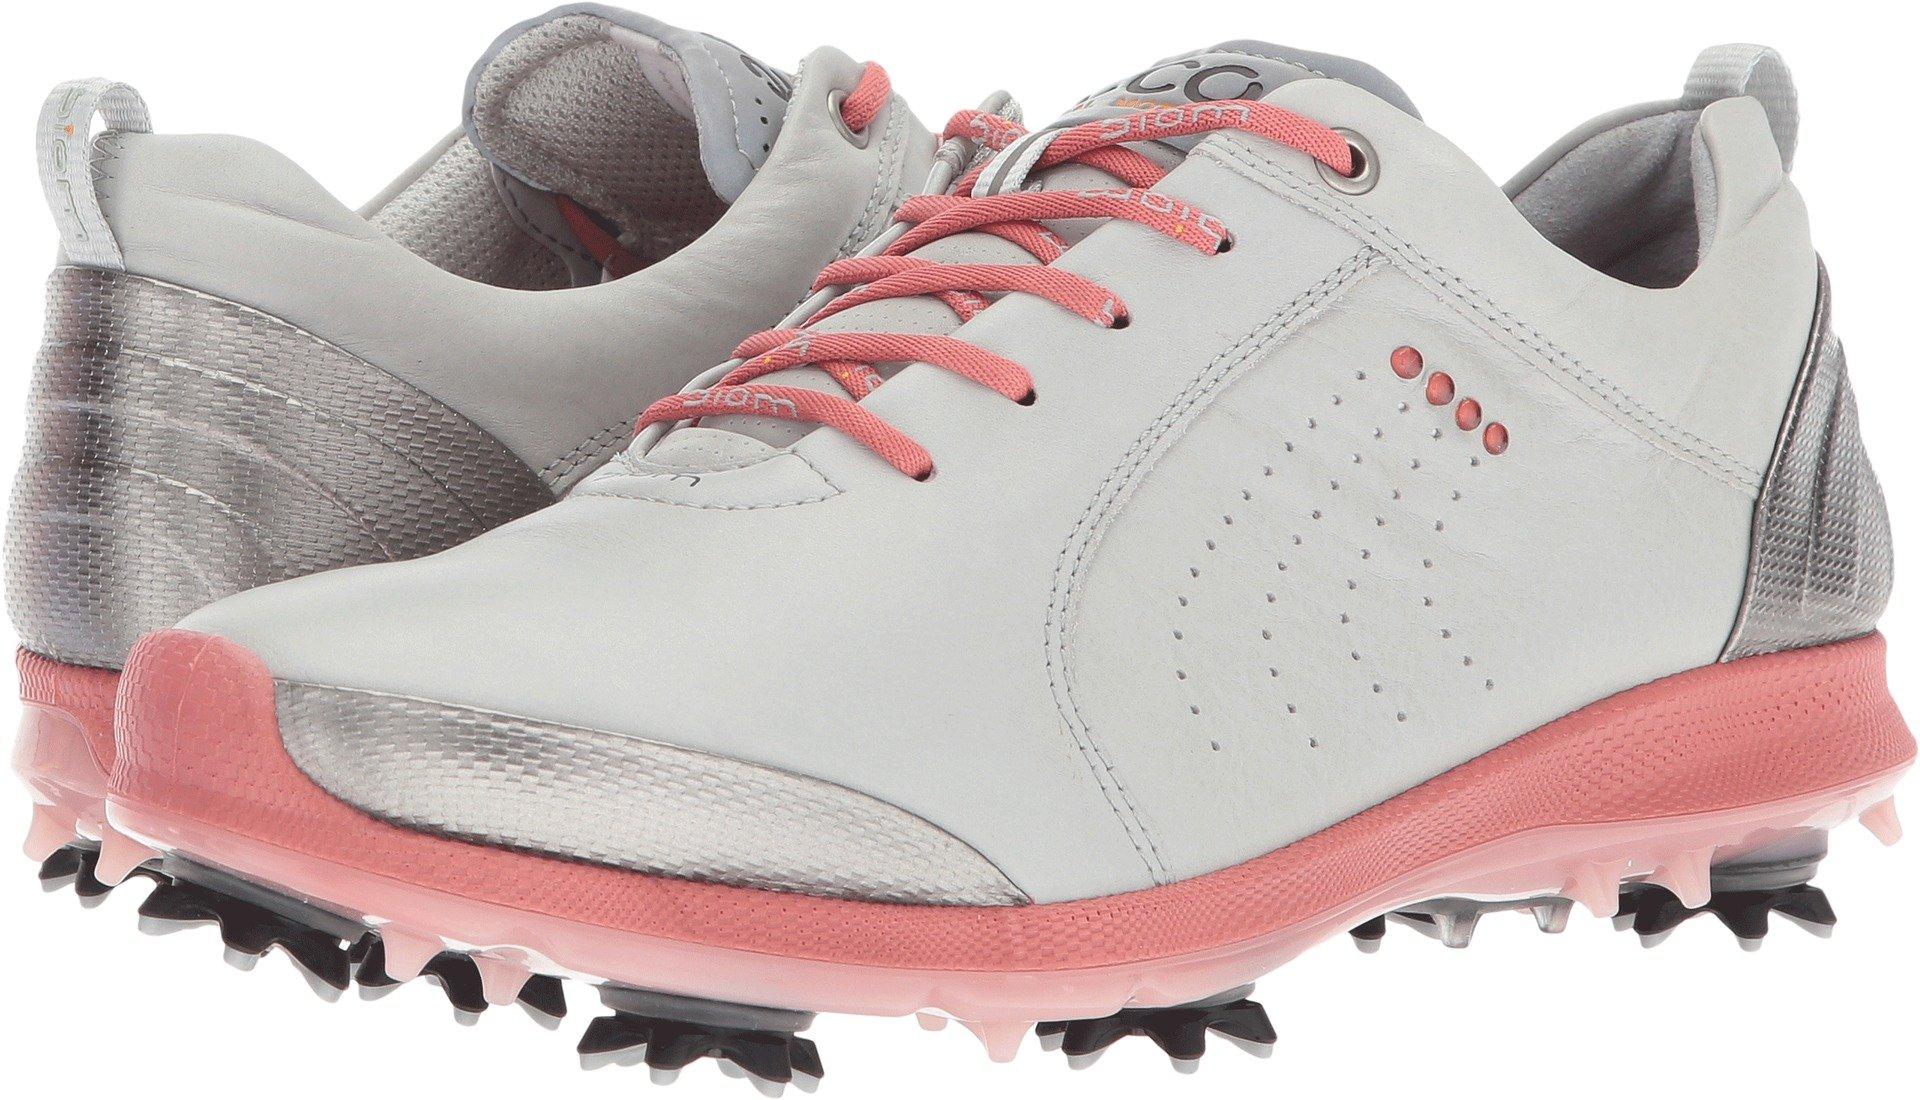 ECCO Women's Boim G 2 Free Golf Shoe, Concrete/Silver Pink, 38 EU/7-7.5 M US